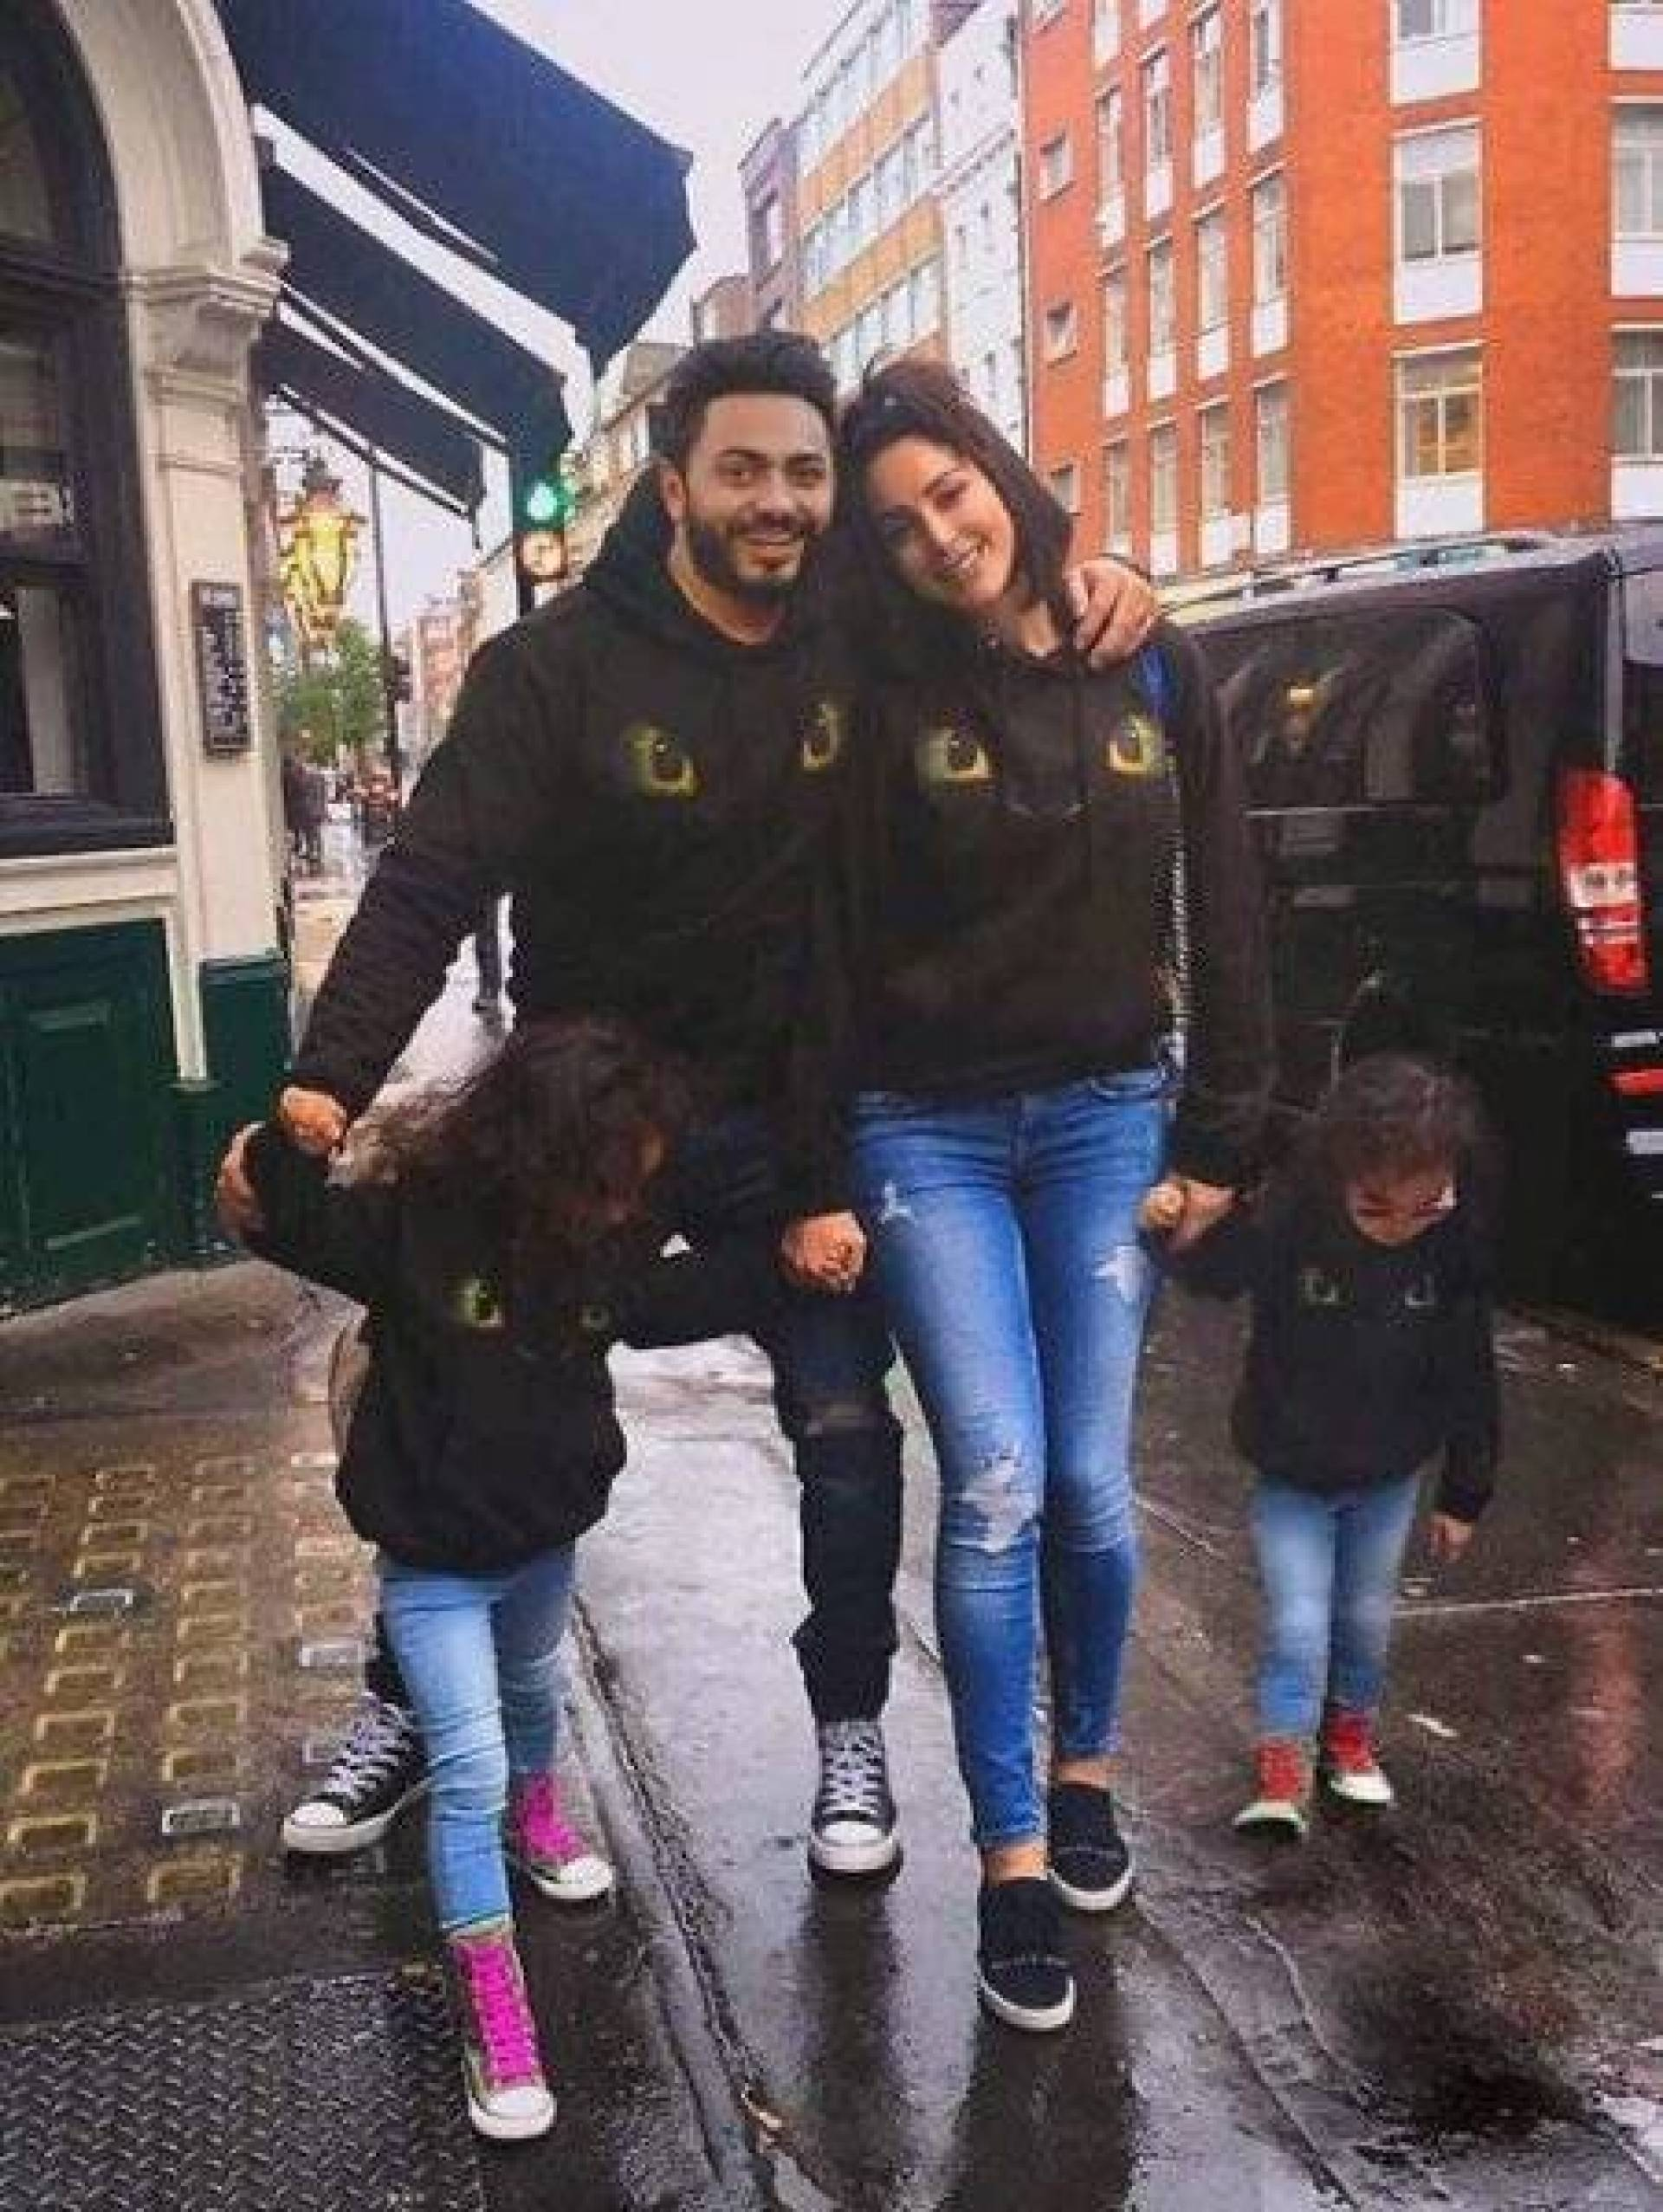 بالفيديو والصور - تامر حسني وزوجته يحتفلان بميلاد ابنتيهما بأجواء فخمة.. ديكور مميز وتجهيزات خاصة